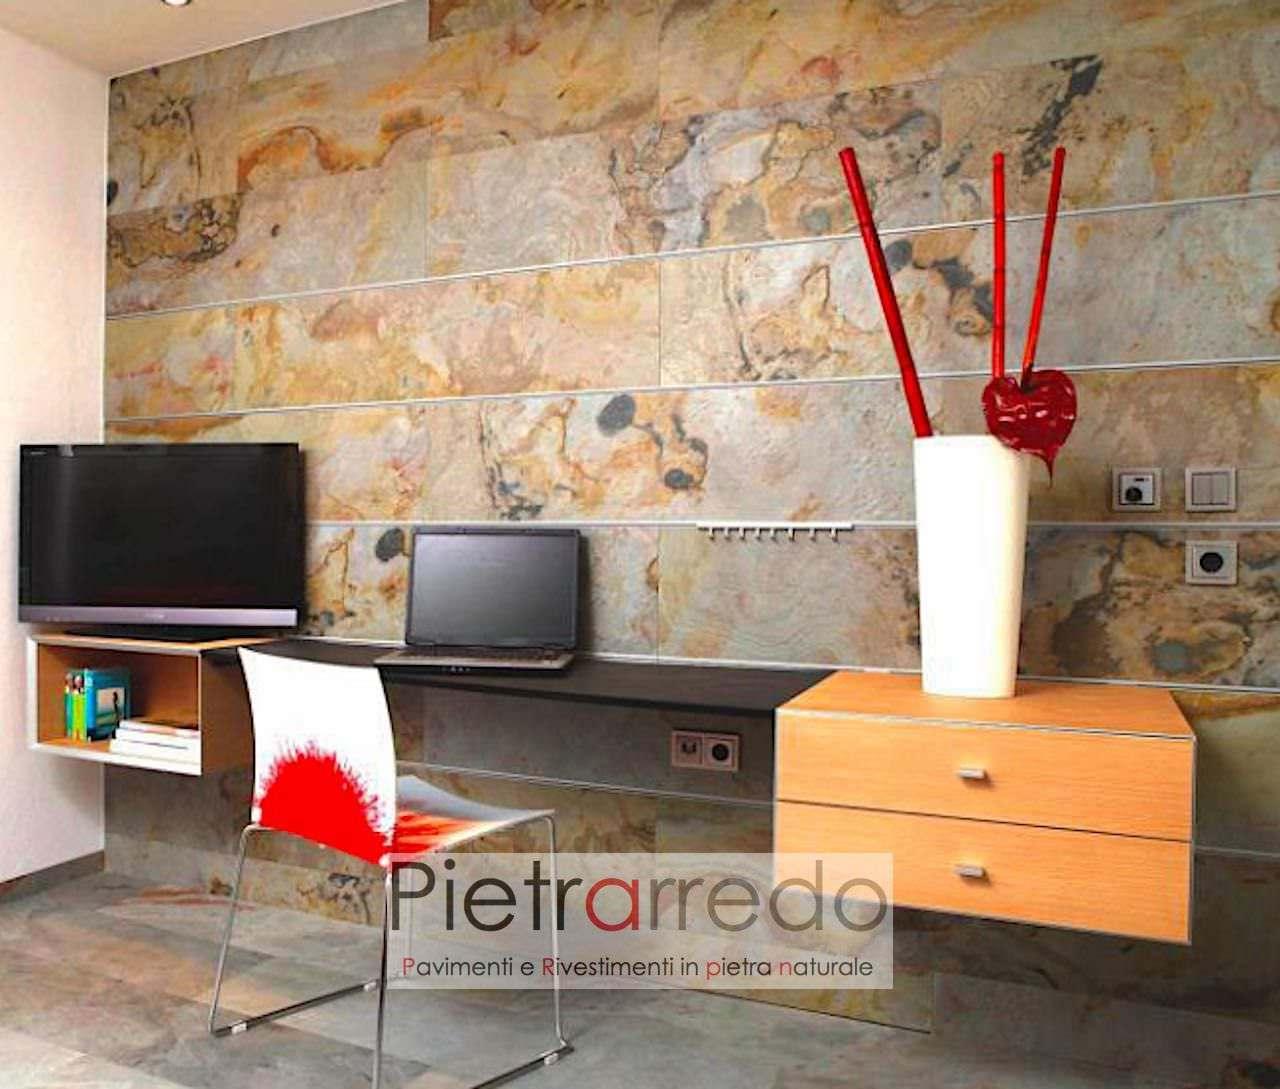 costi e offerta lastre e fogli in pietra tonda sottile da incollare alle pareti muri facciate